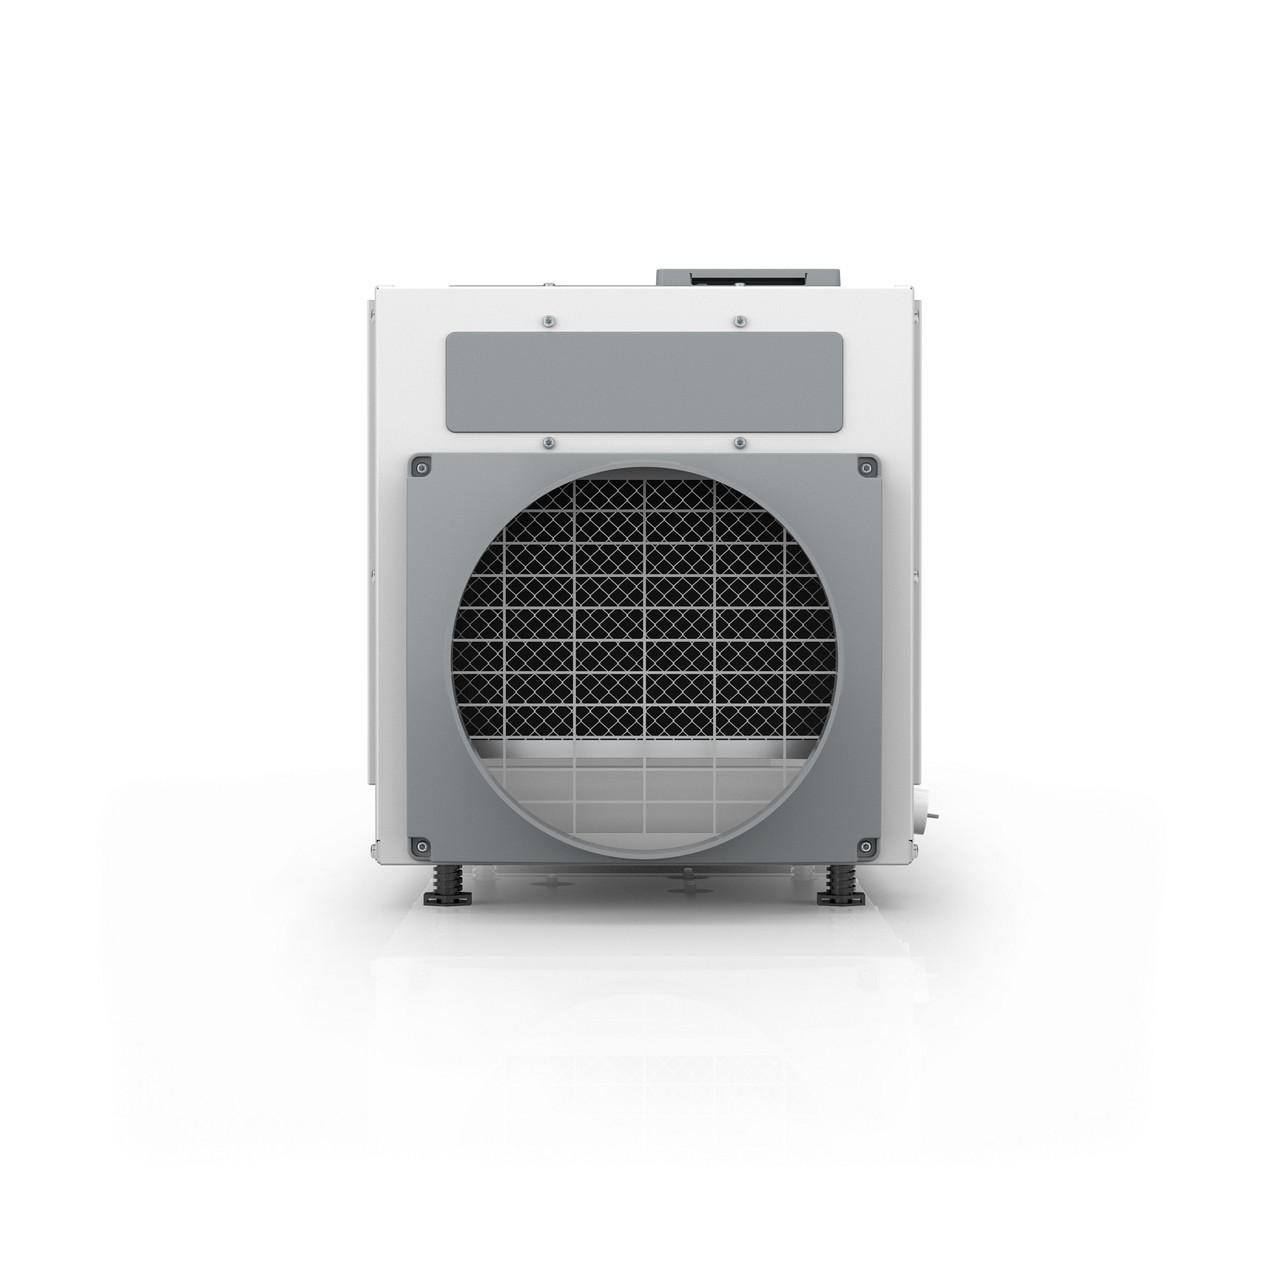 E100 Dehumidifier Control Panel